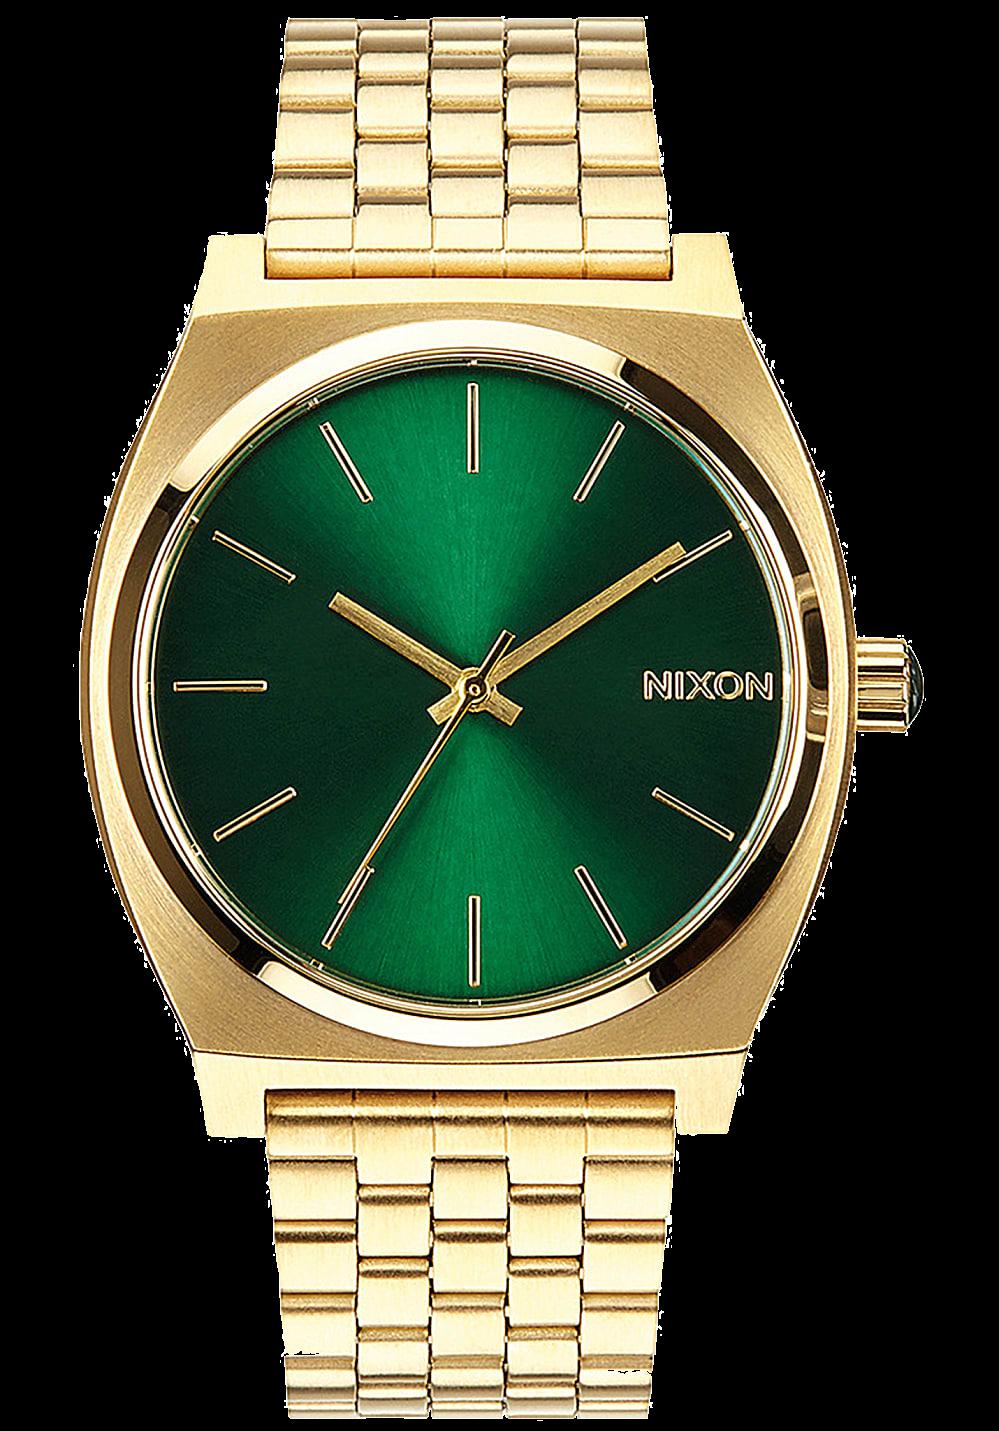 Nixon Uhr gold